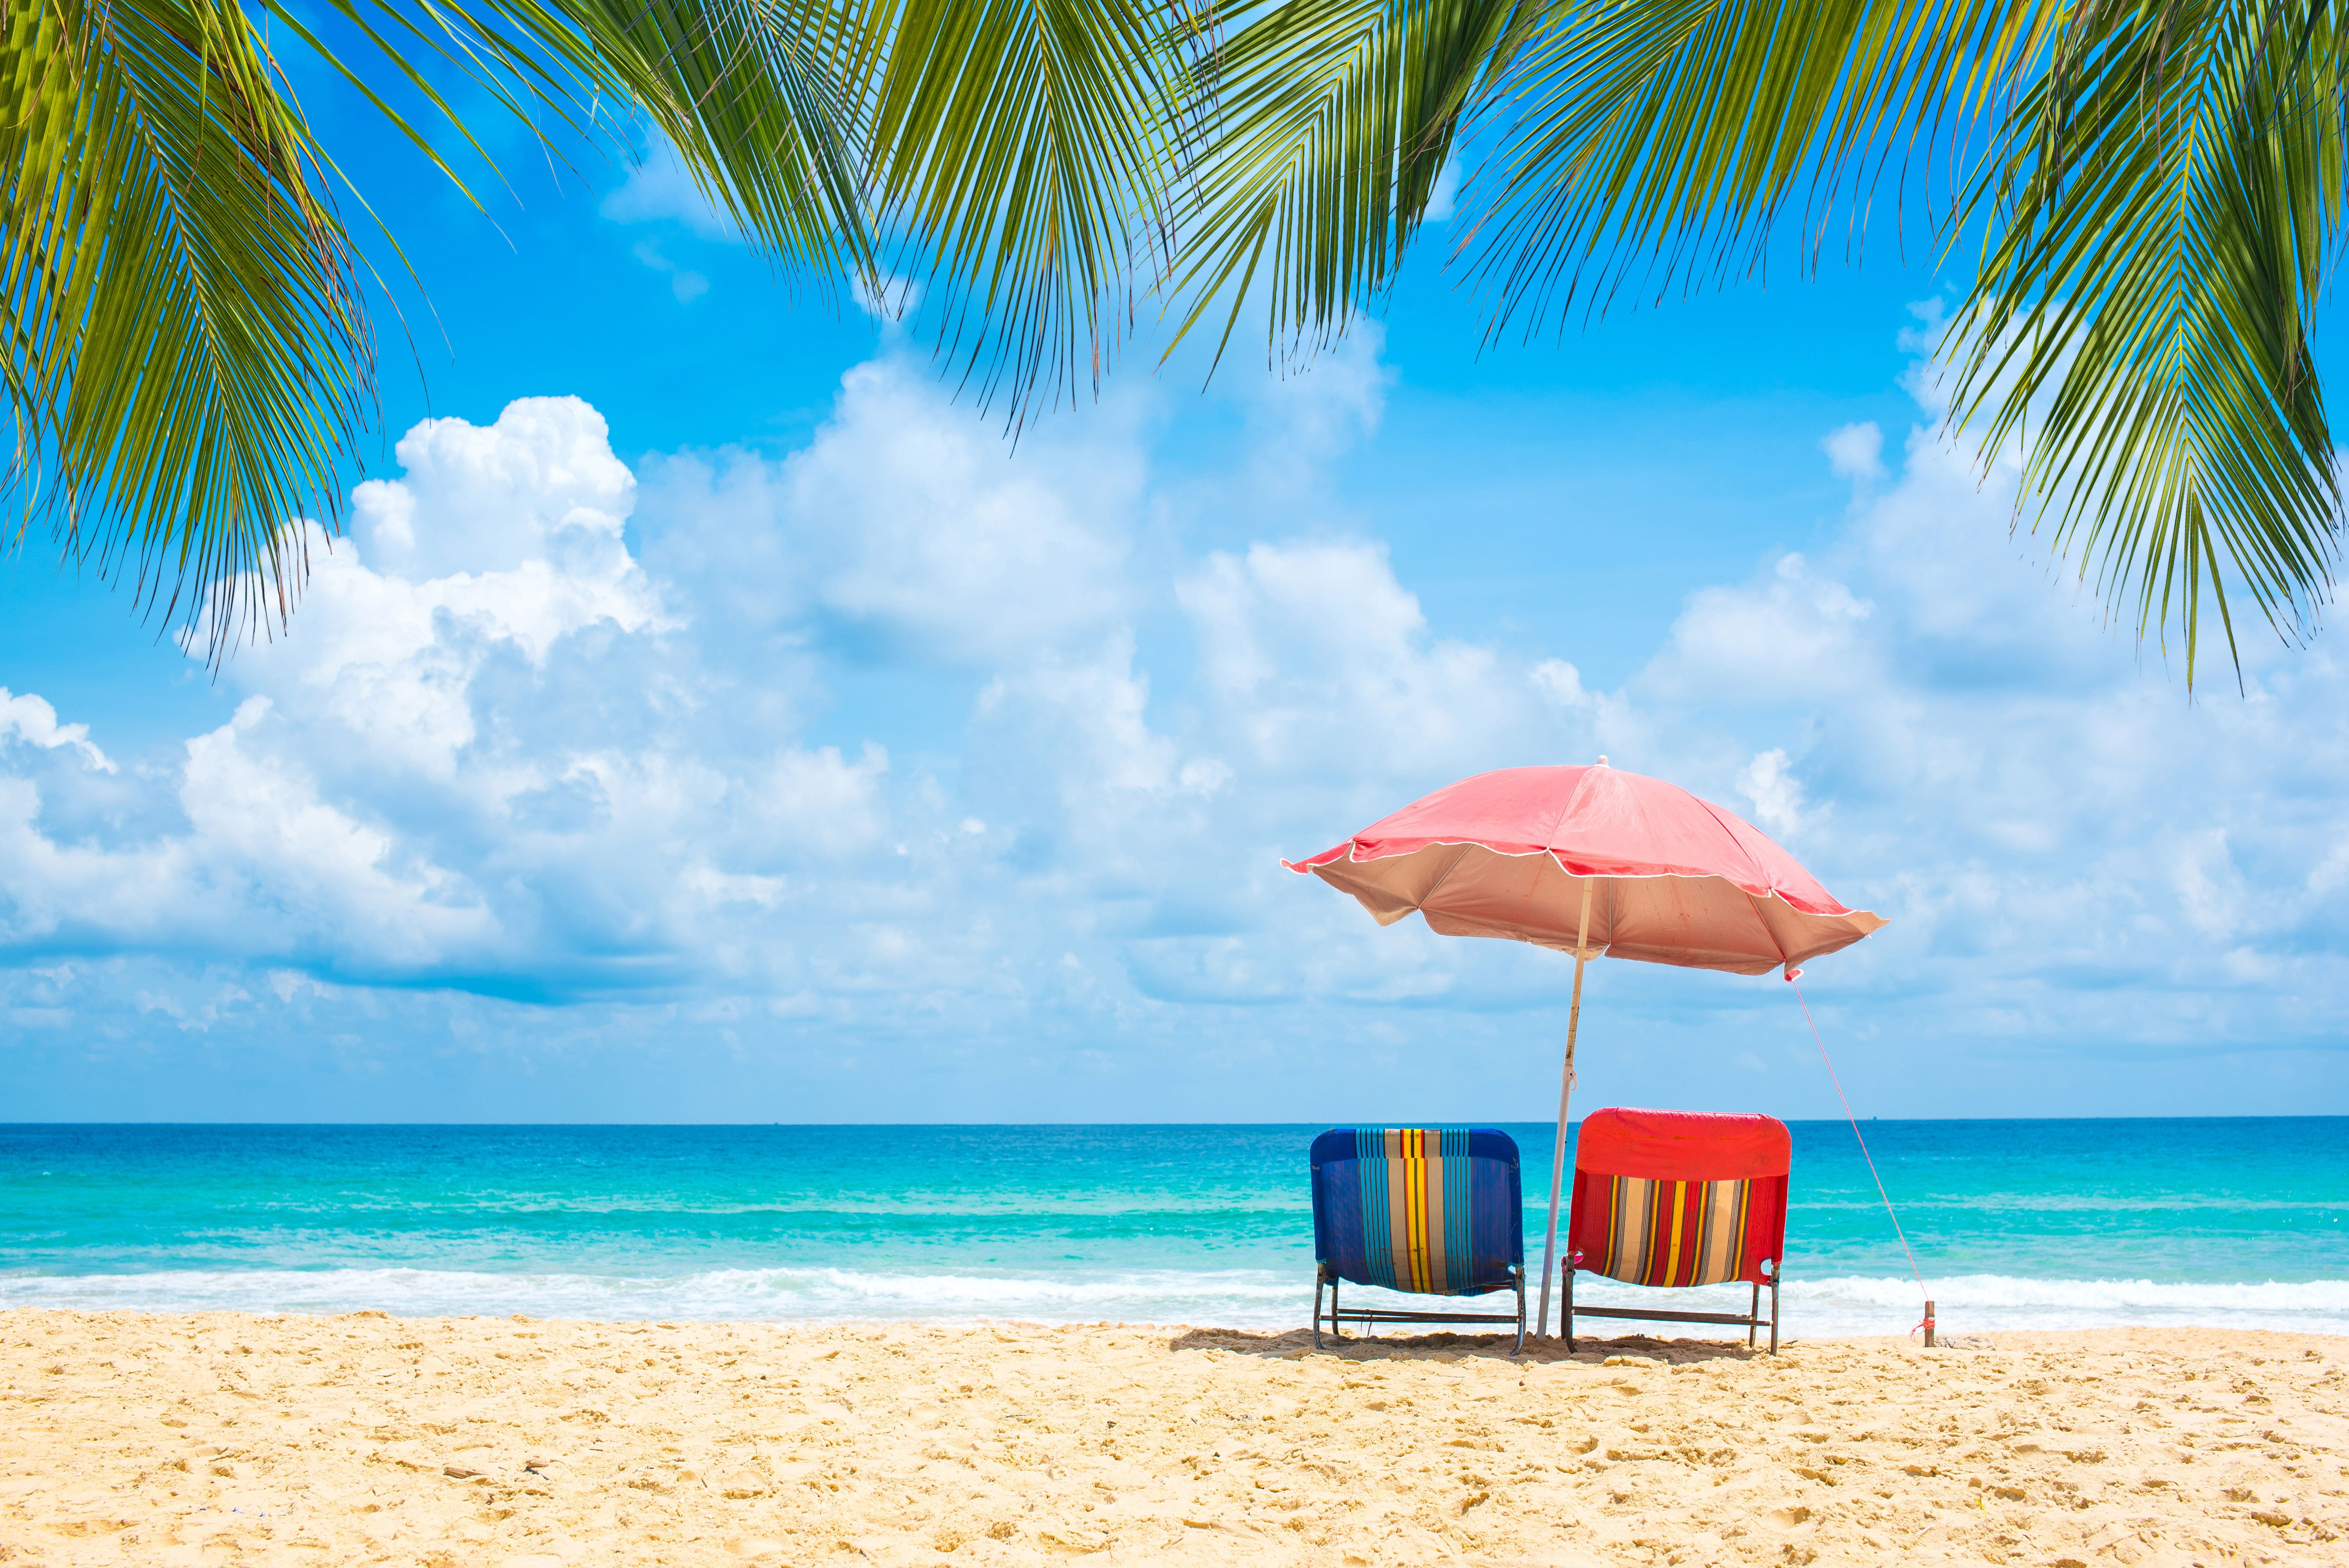 Υποστολή όλων των «γαλάζιων σημαιών» στις παραλίες της